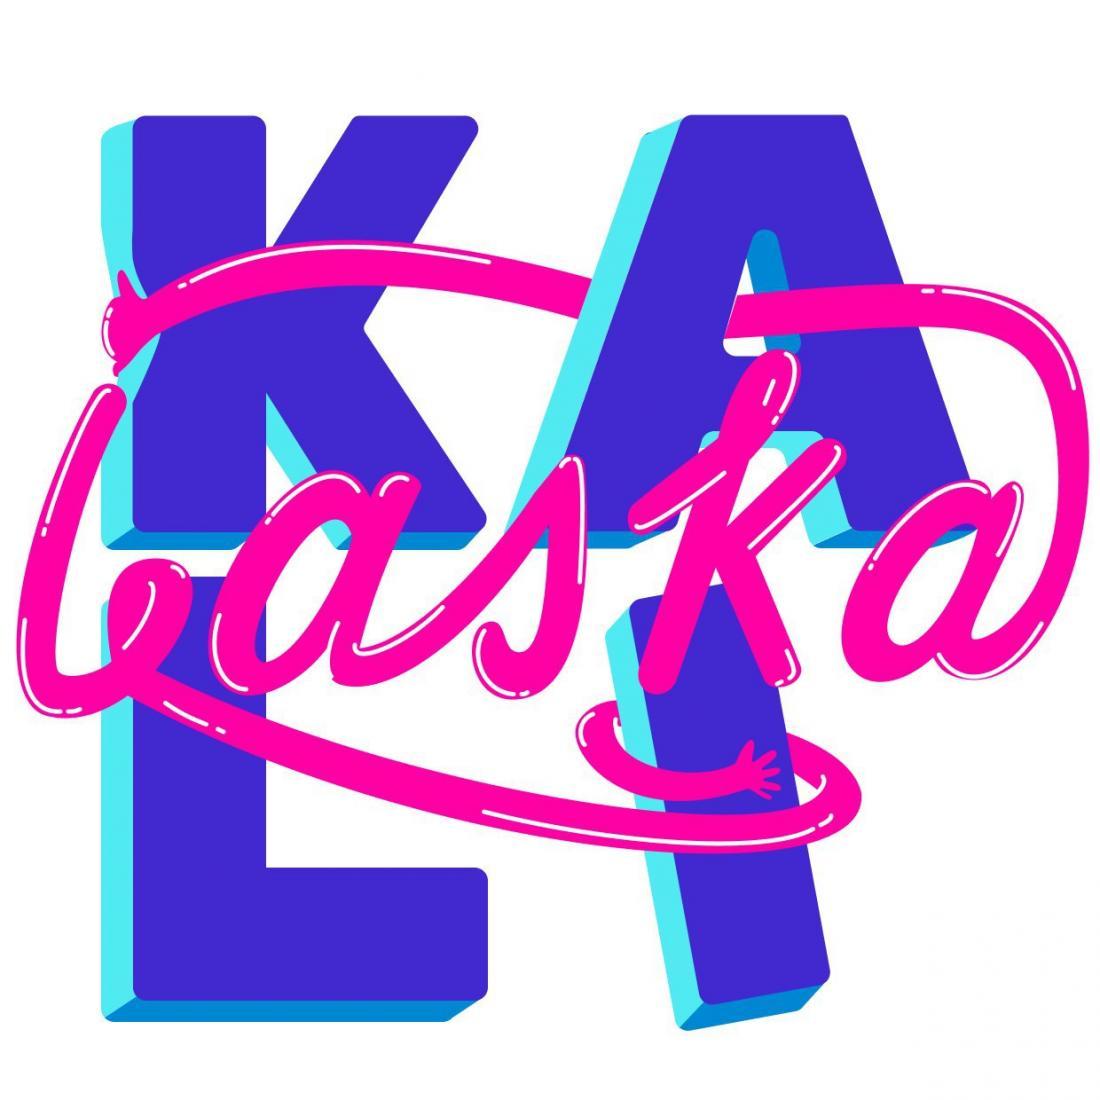 """Товары для взрослых от 9,54 руб. в магазине """"Kalilaskame"""""""